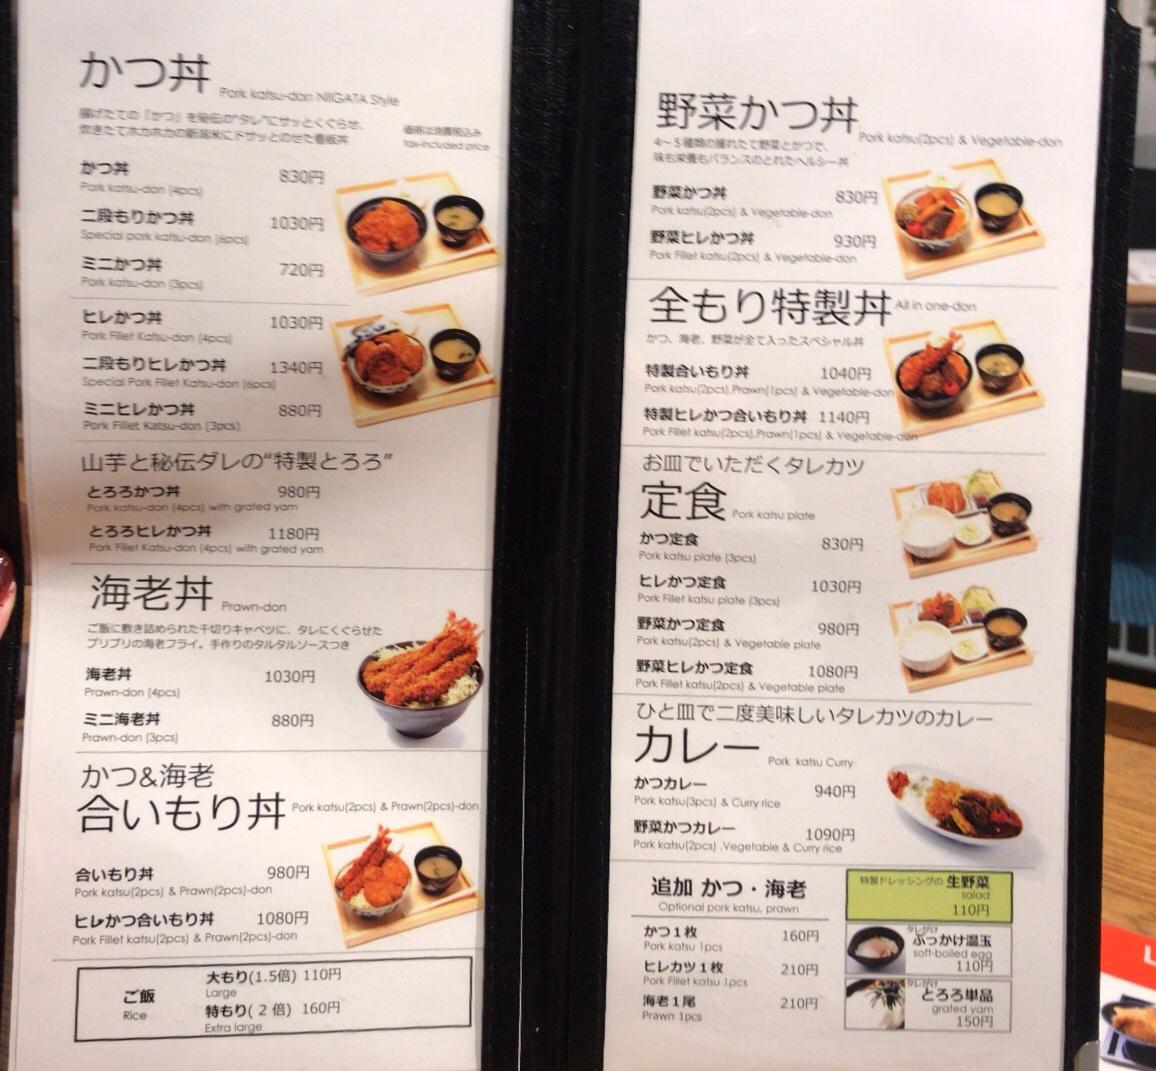 新潟カツ丼タレカツ メニュー 渋谷店